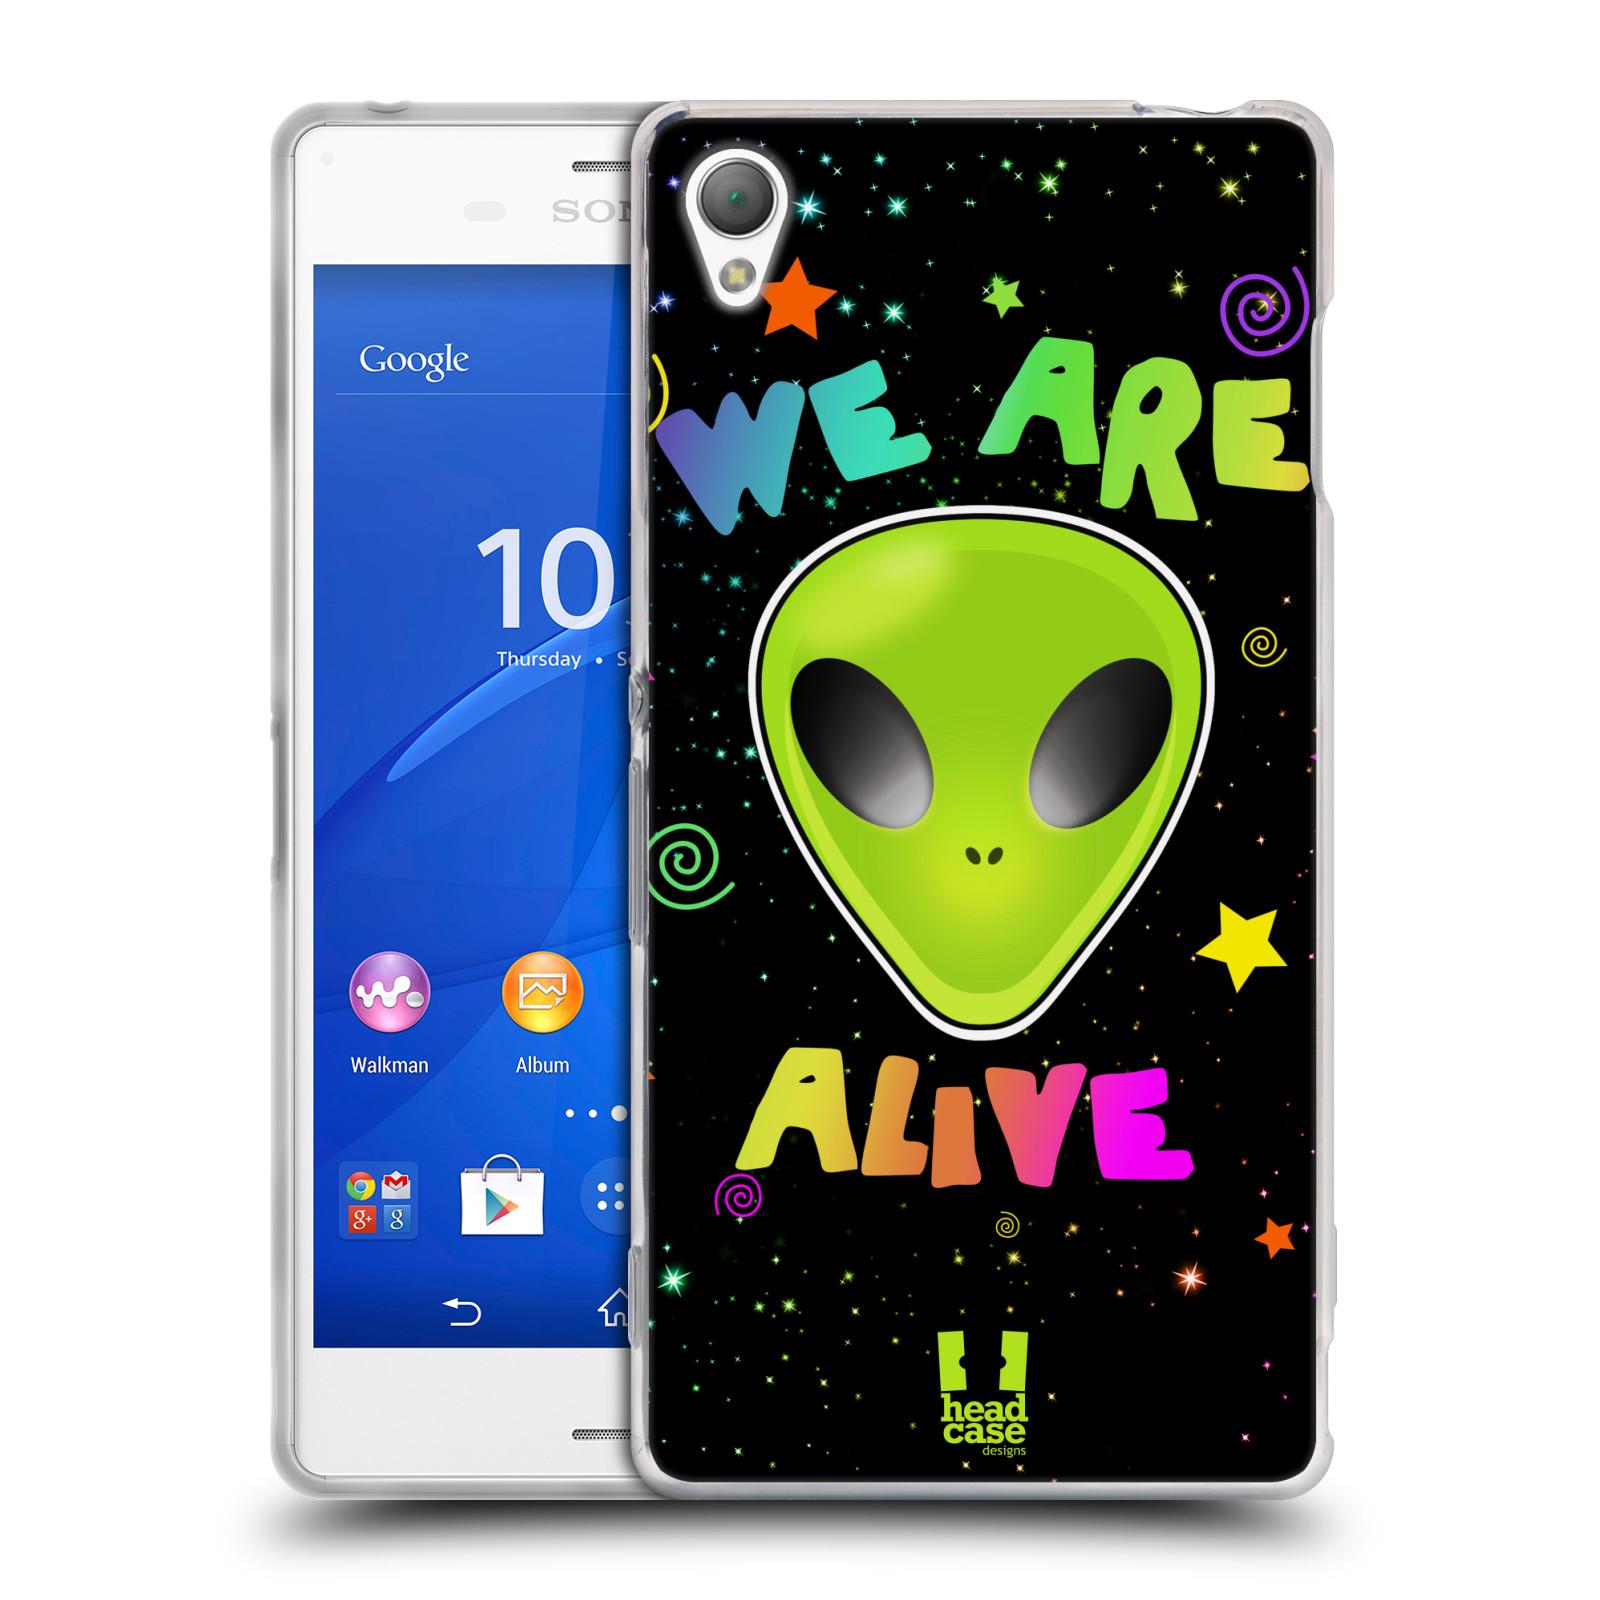 Silikonové pouzdro na mobil Sony Xperia Z3 D6603 HEAD CASE ALIENS ALIVE